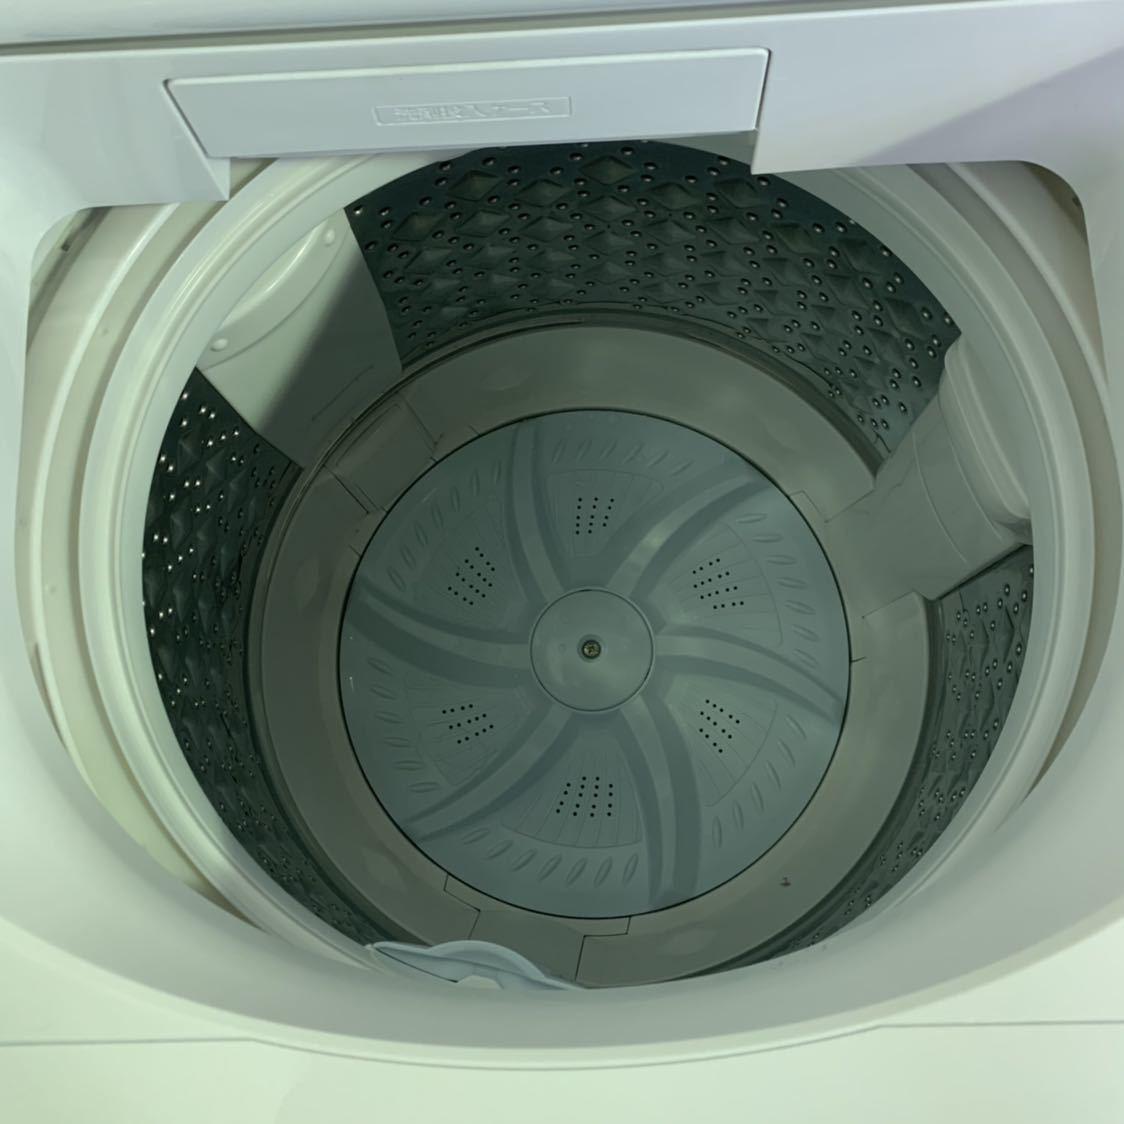 格安!美品 TOSHIBA東芝 AW-7D7 2019年製 ZABOON全自動 洗濯機 7kg ホワイト系 取説/付属品 有 動作確認OK_画像3